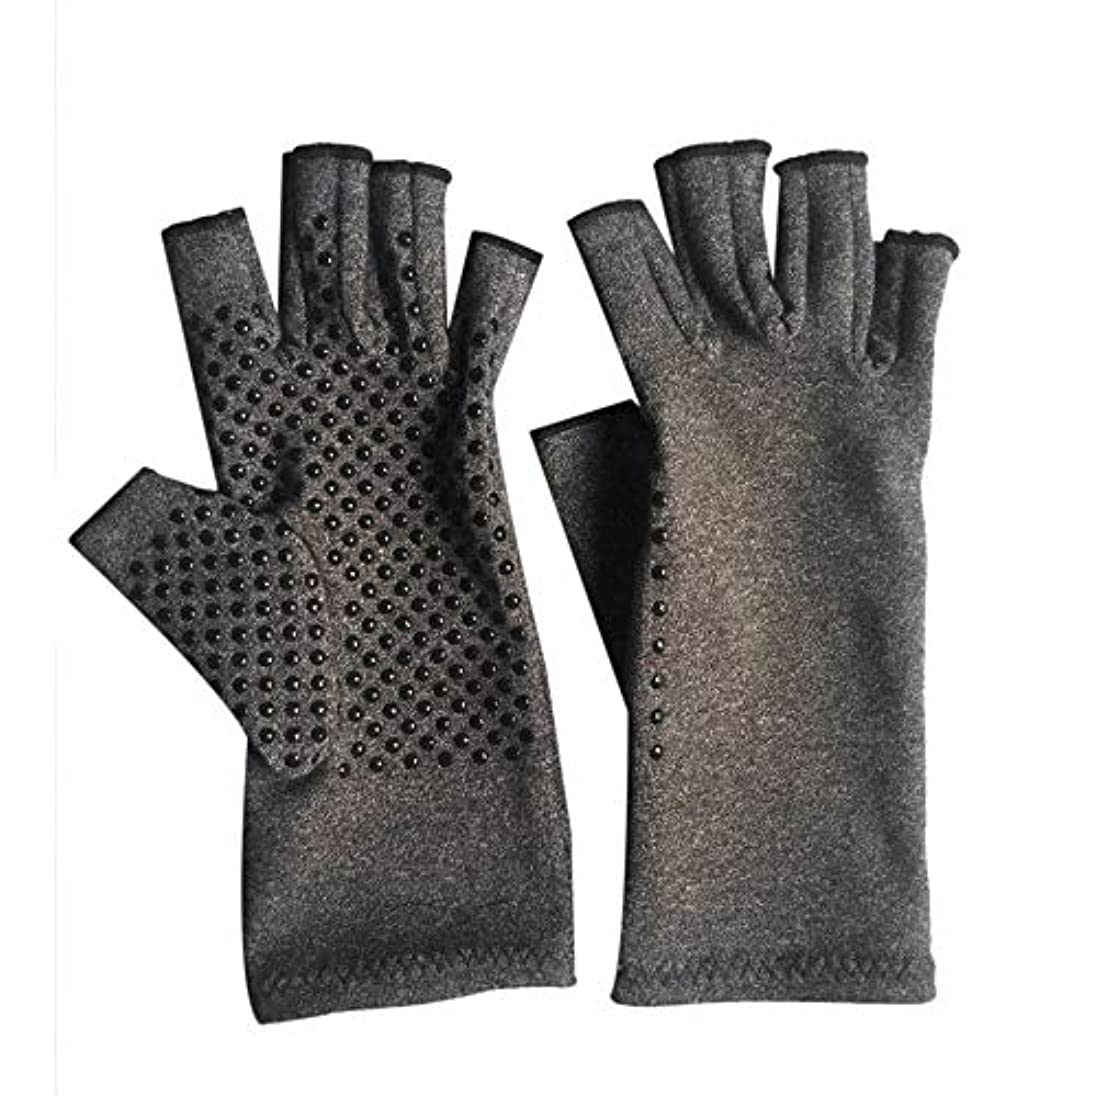 勉強する苦しみシフト1ペアユニセックス男性女性療法圧縮手袋関節炎関節痛緩和ヘルスケア半指手袋トレーニング手袋 - グレーM